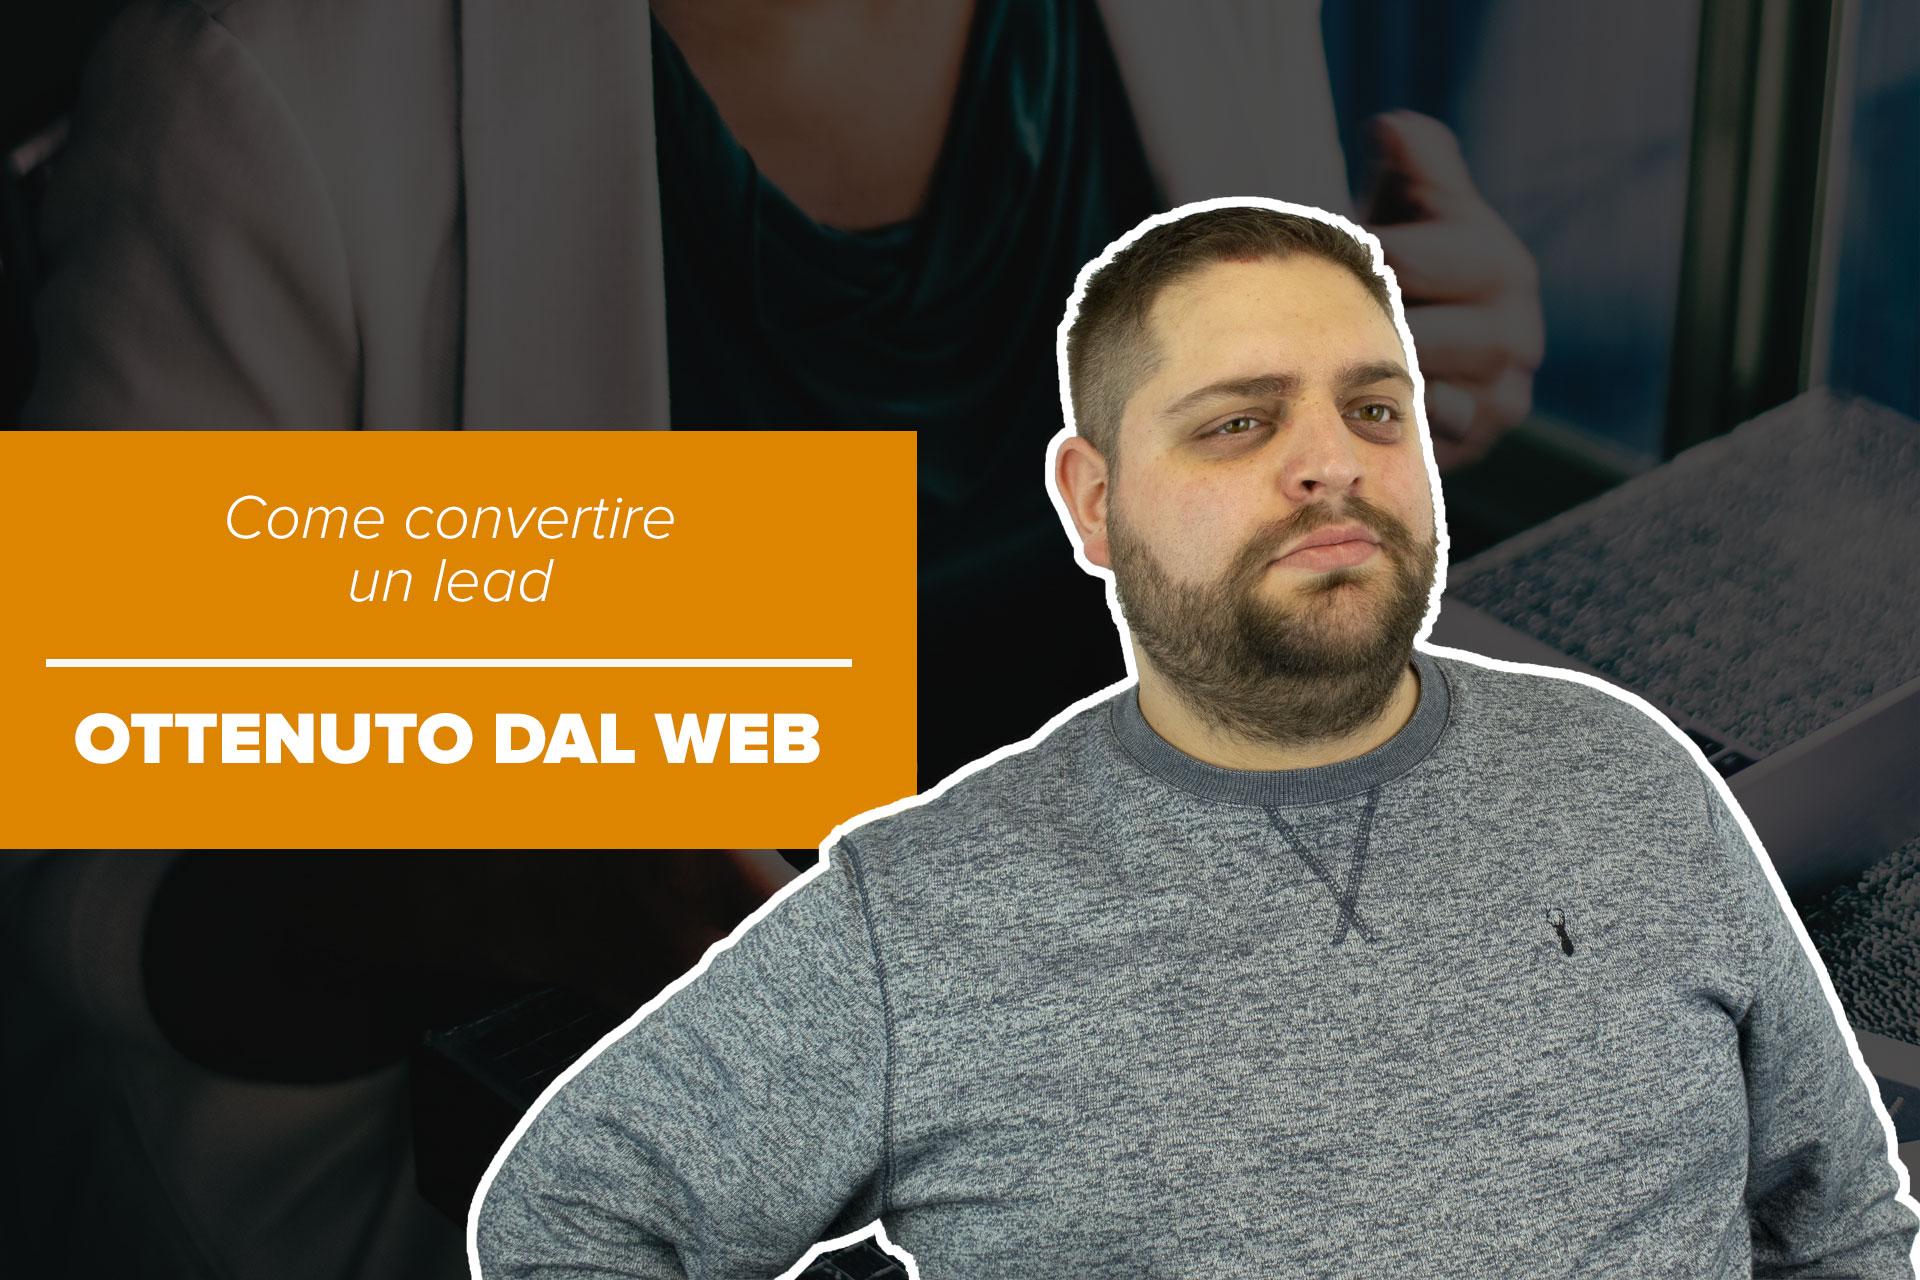 Come convertire un lead ottenuto dal web